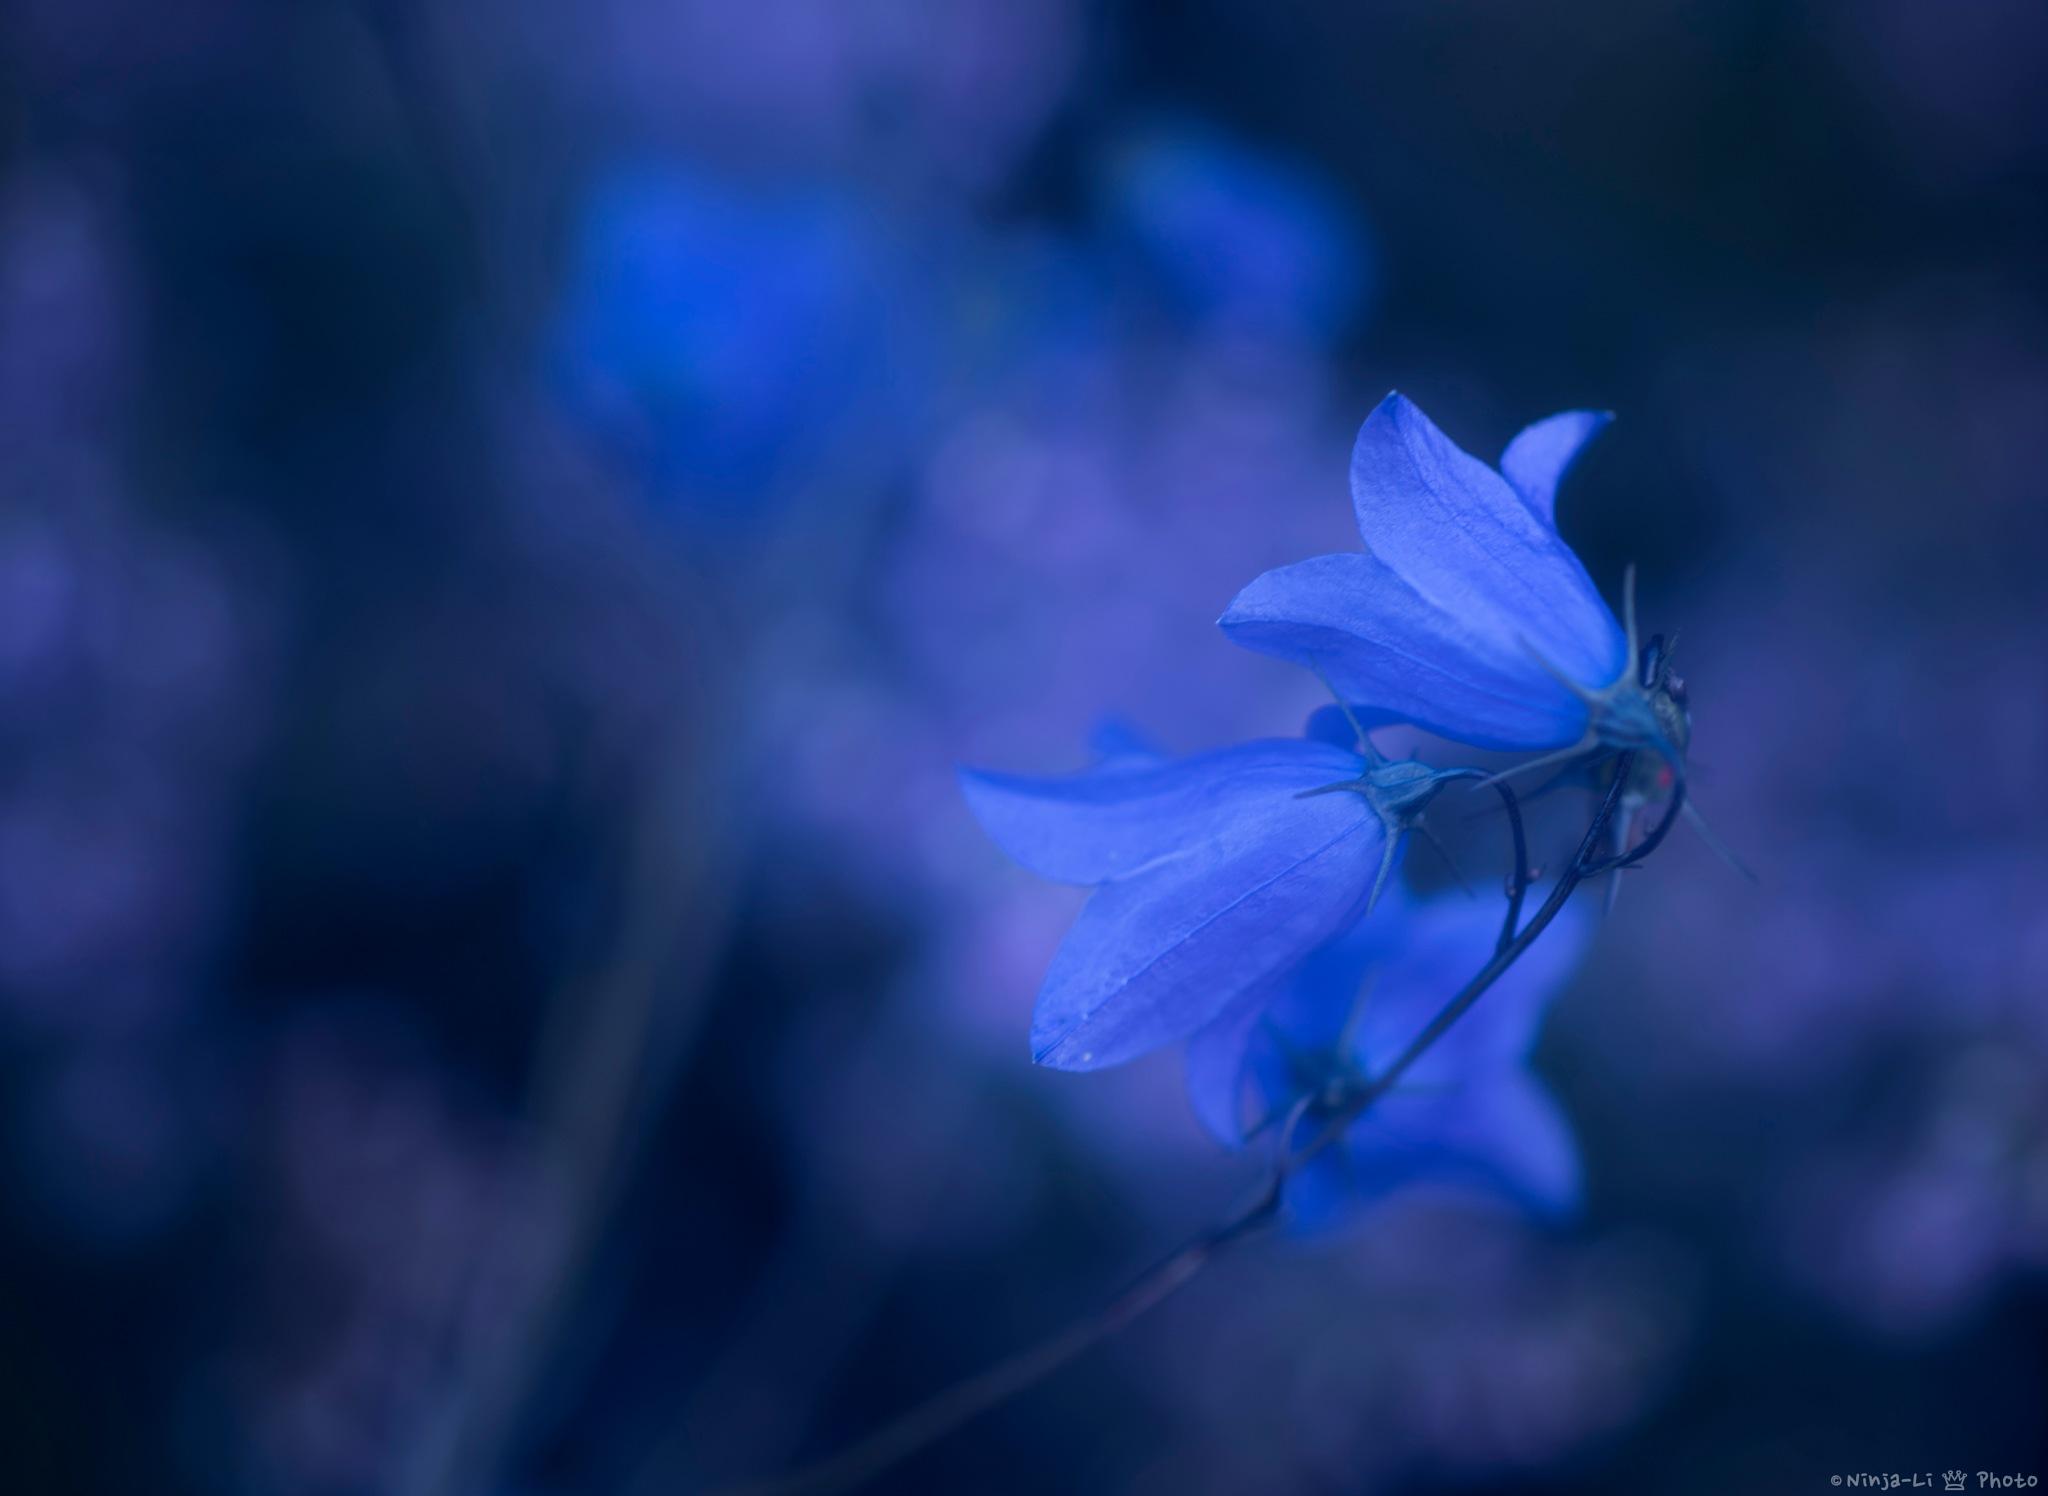 Summer night blues by Ninja-Li Einarsen Stahre